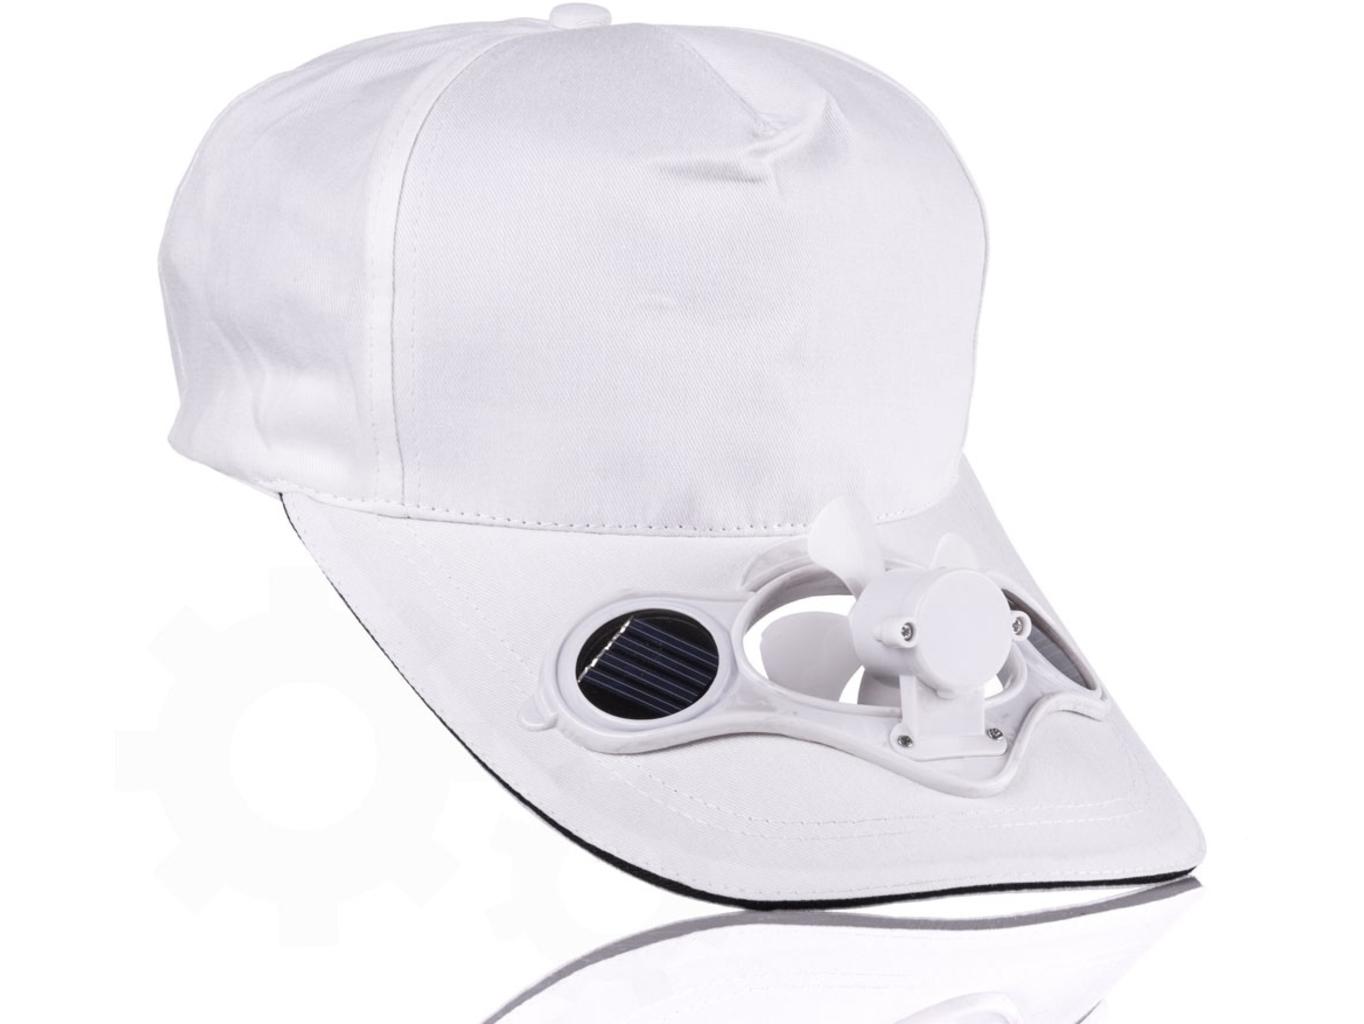 Solární čepice s větráčkem Barva: Bílá